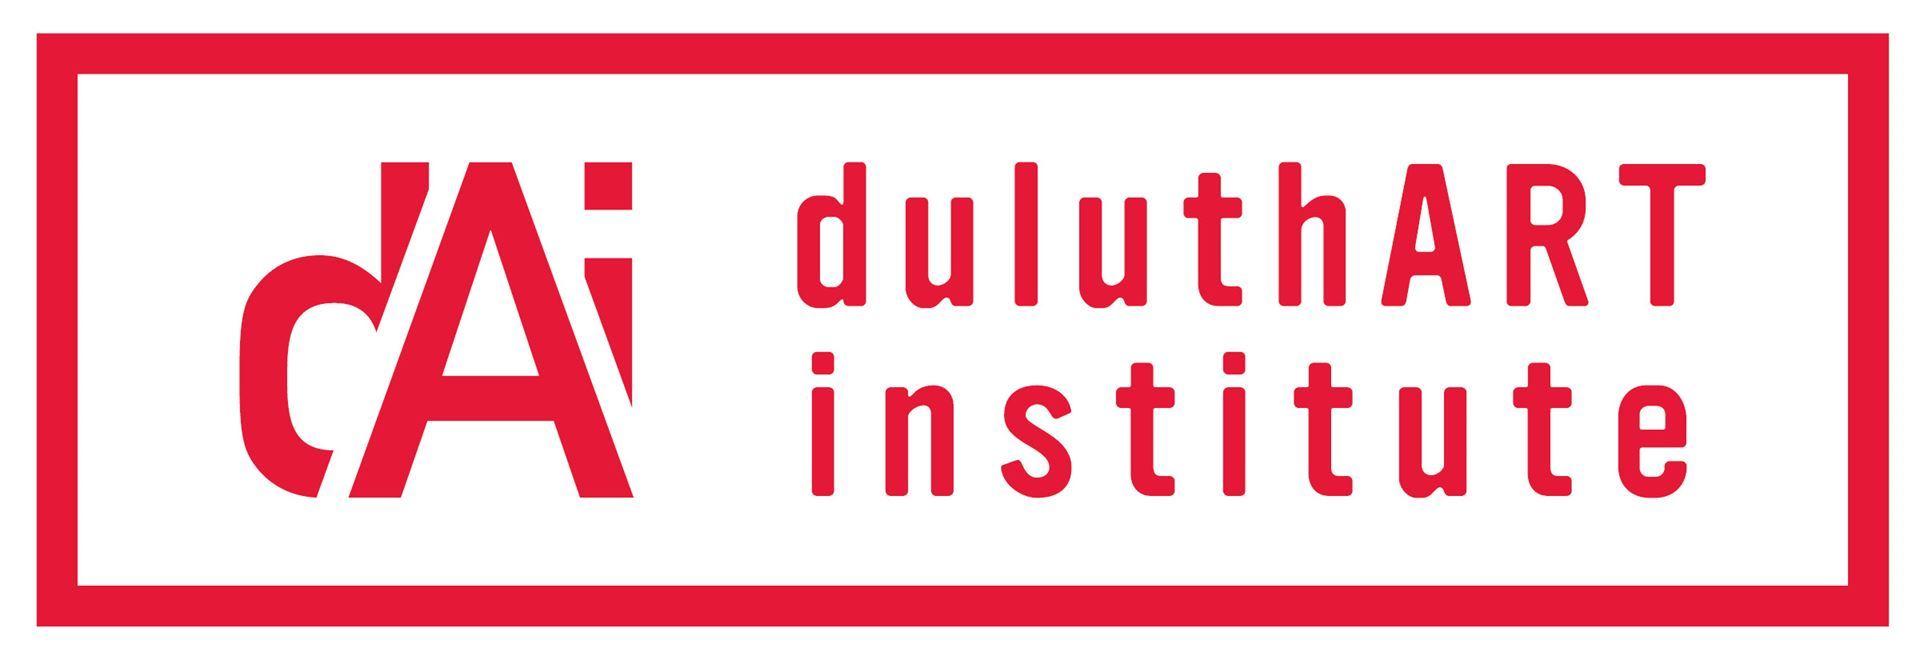 duluth art institute home